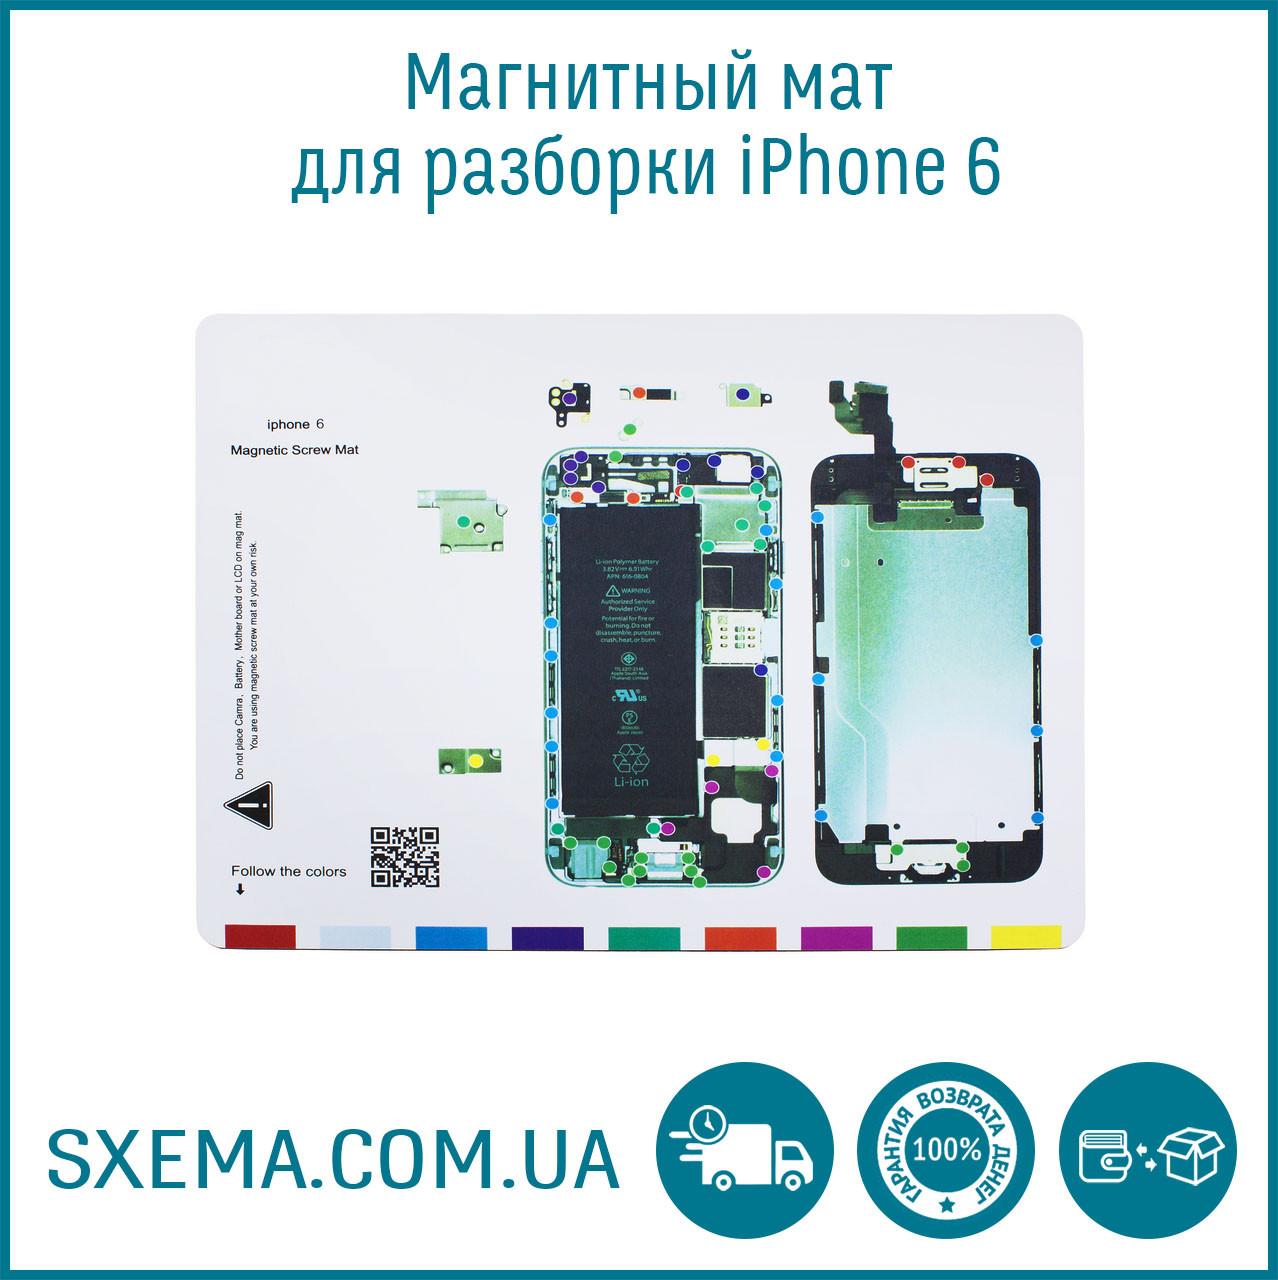 Магнитный мат для разборки IPhone 6